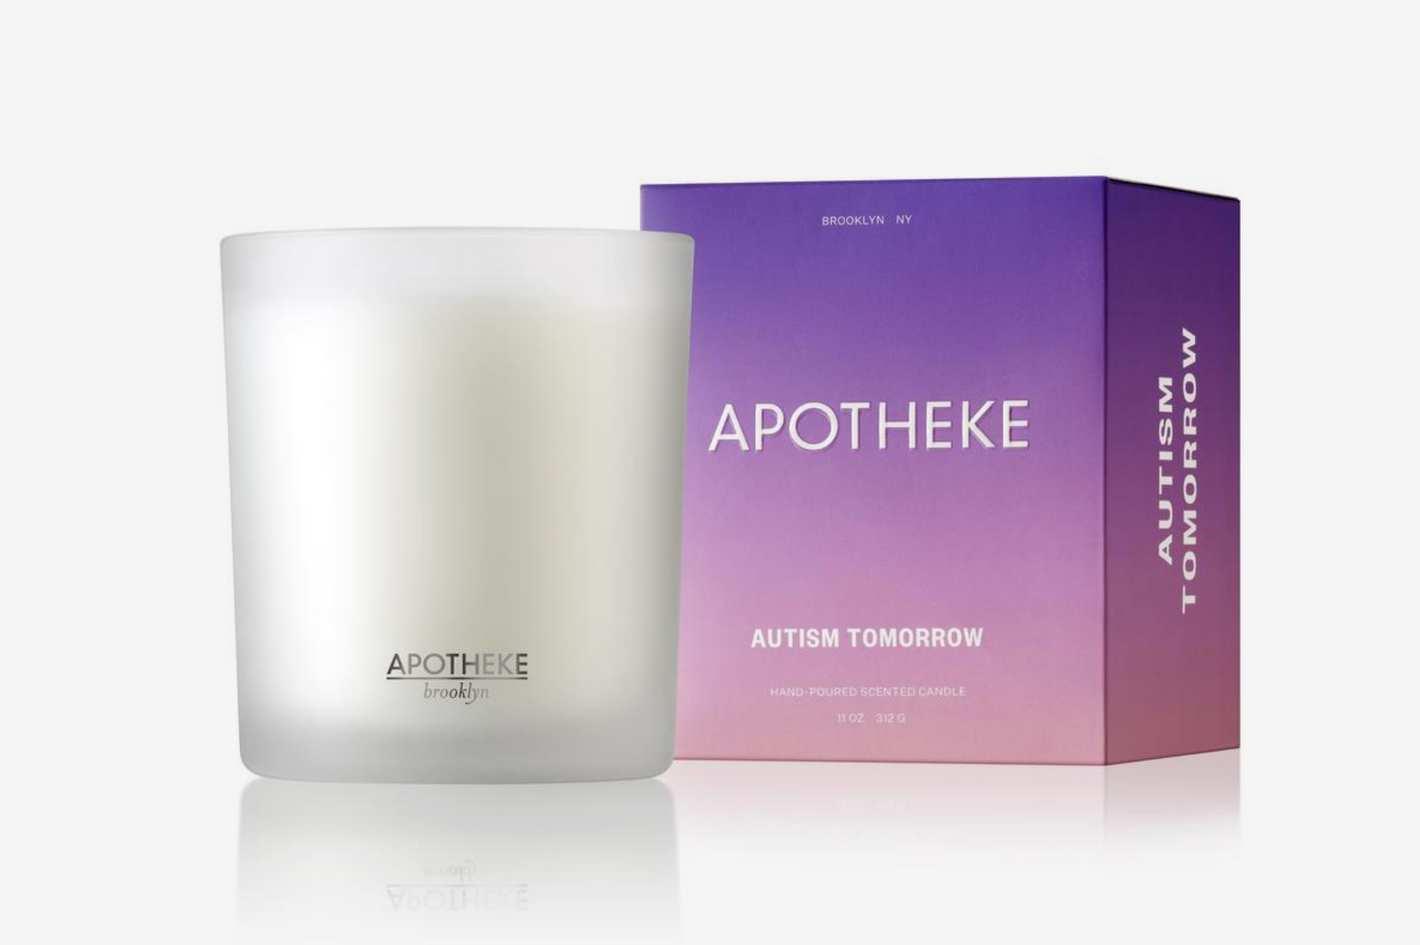 Autism Tomorrow x APOTHEKE Candle